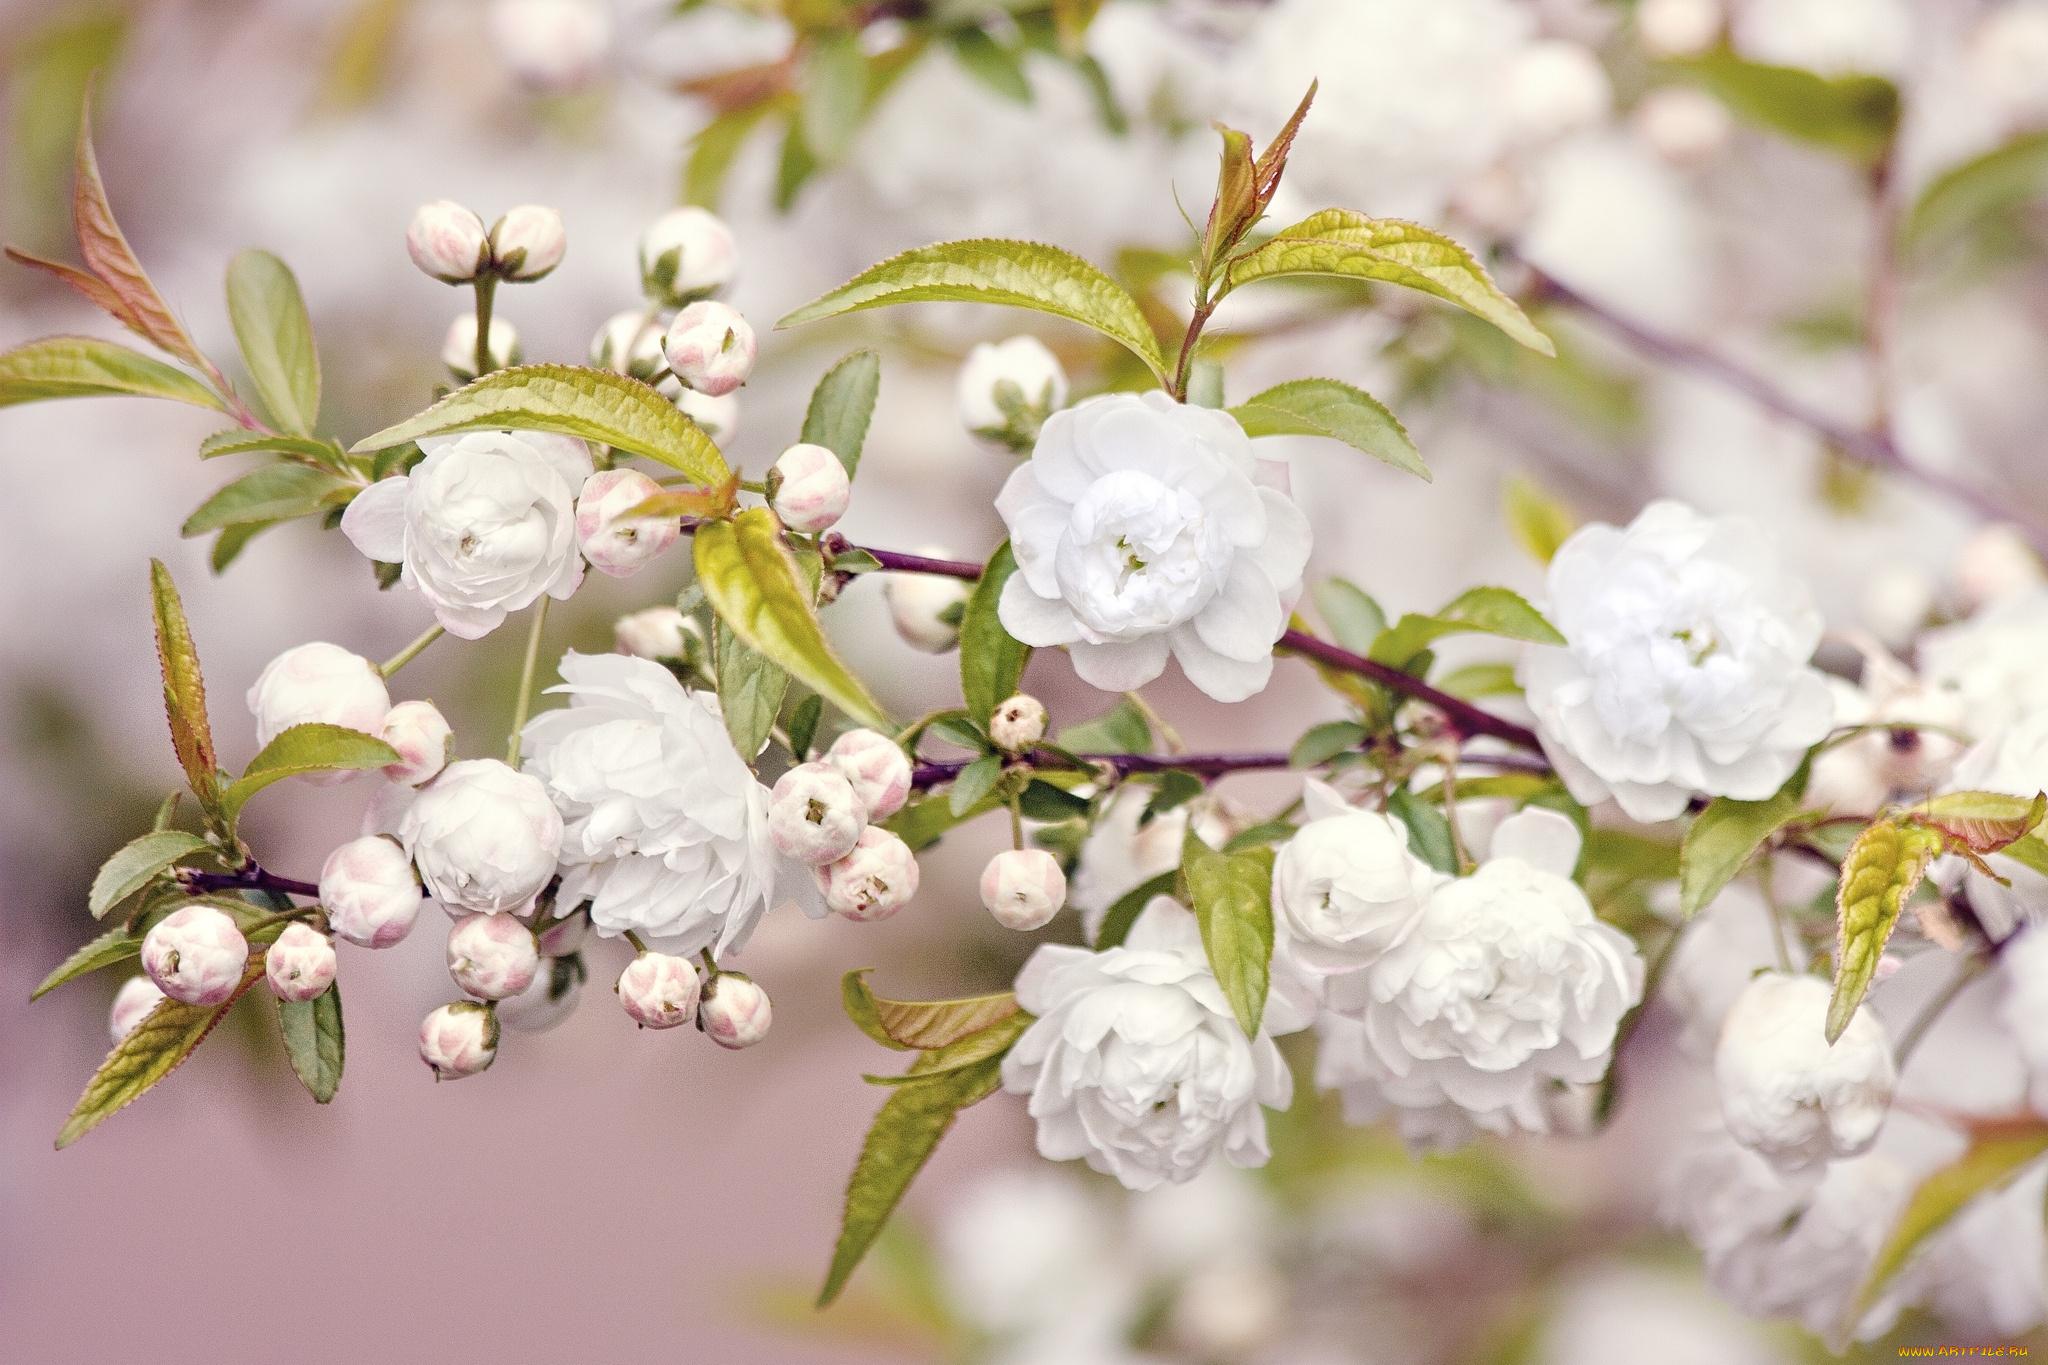 природа цветы белый весна бесплатно